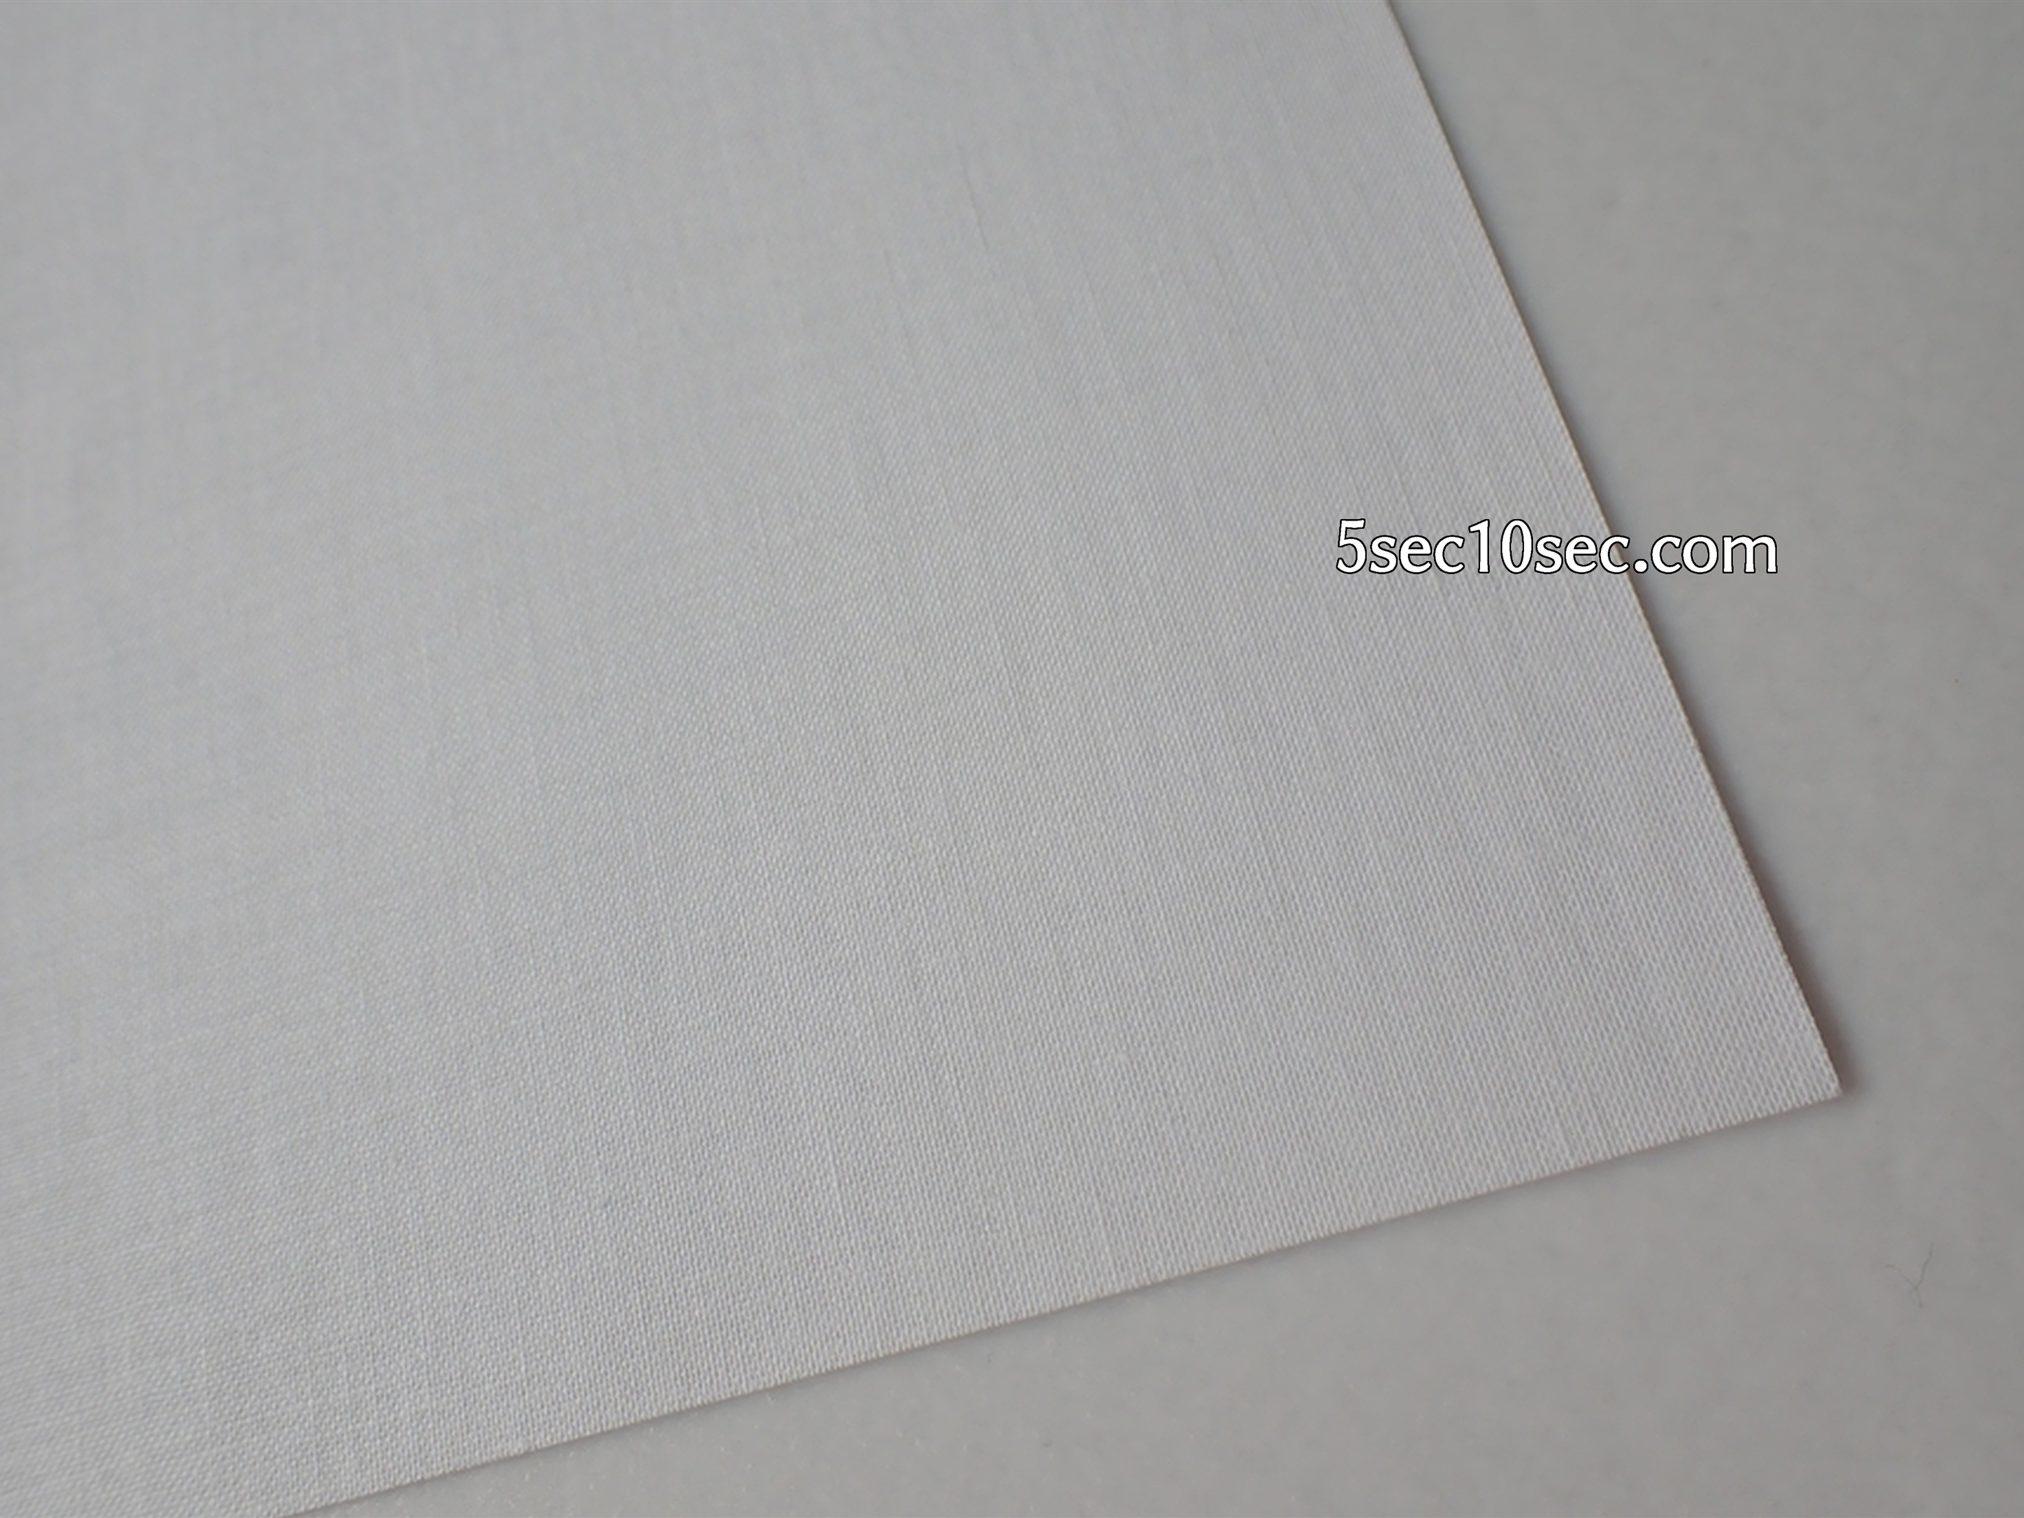 エーワン A-one 布プリ 生地タイプ のりなし A4判 ノーカット 紙みたいに見えるけど綿100%の布です、布の厚さは厚手ではないけど普通の布くらいの厚さはあります